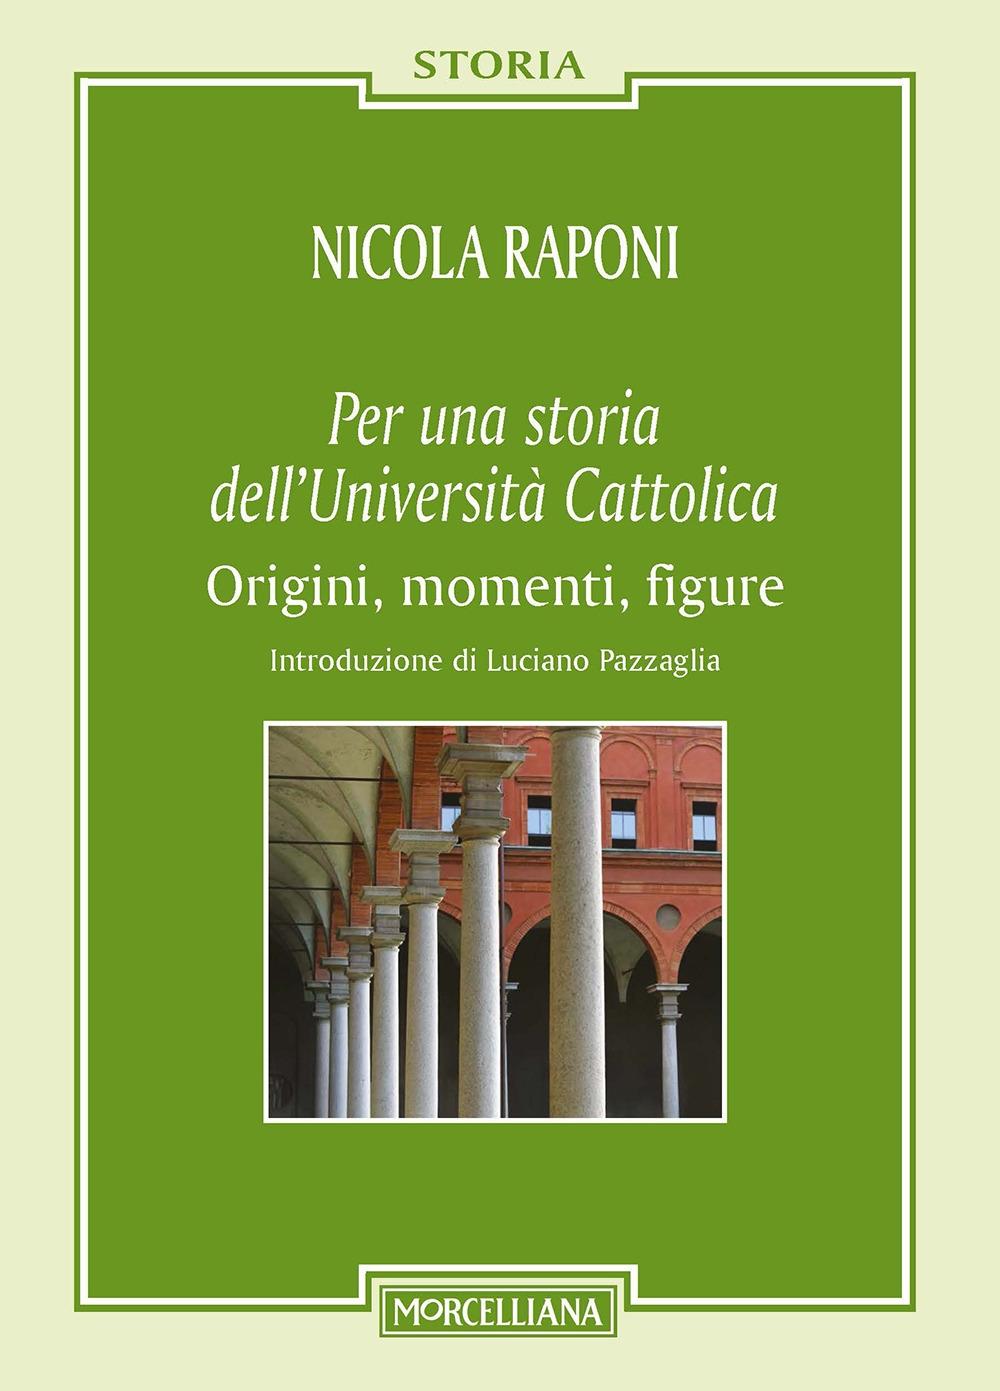 Per una storia dell'Università Cattolica. Origni, momenti, figure